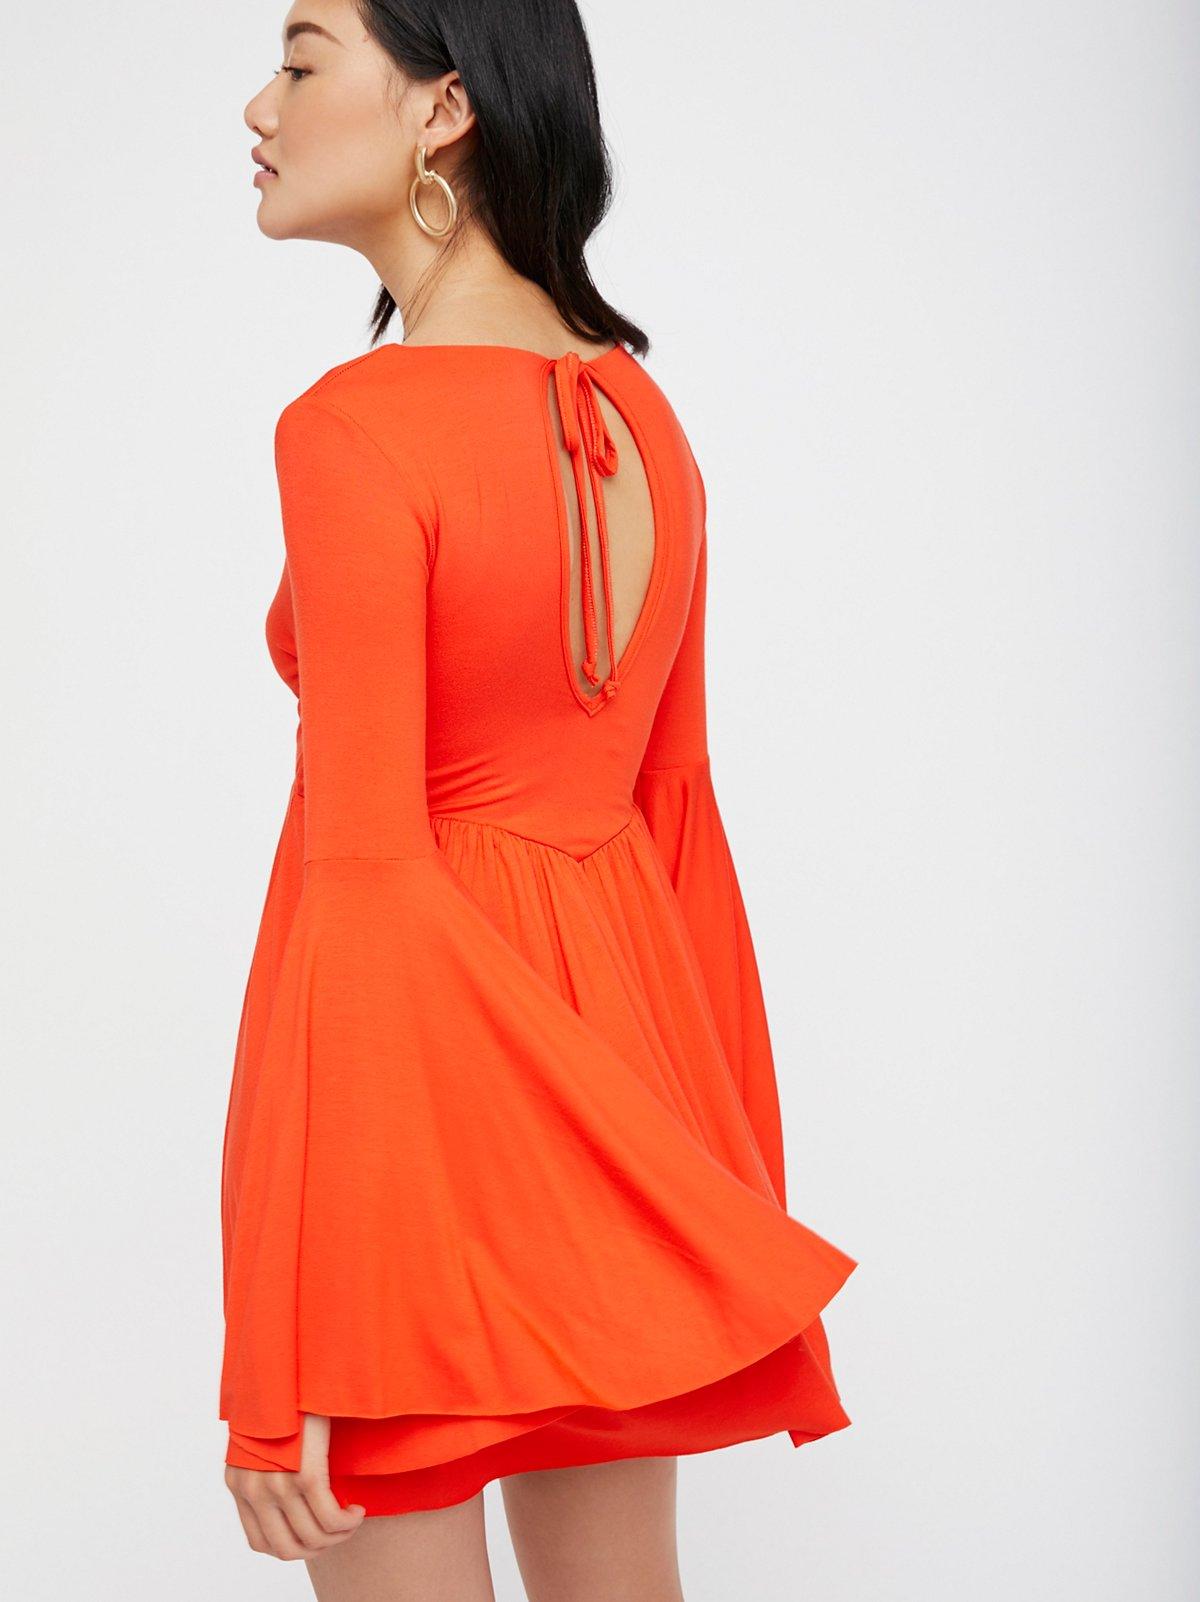 Camilla连衣裙